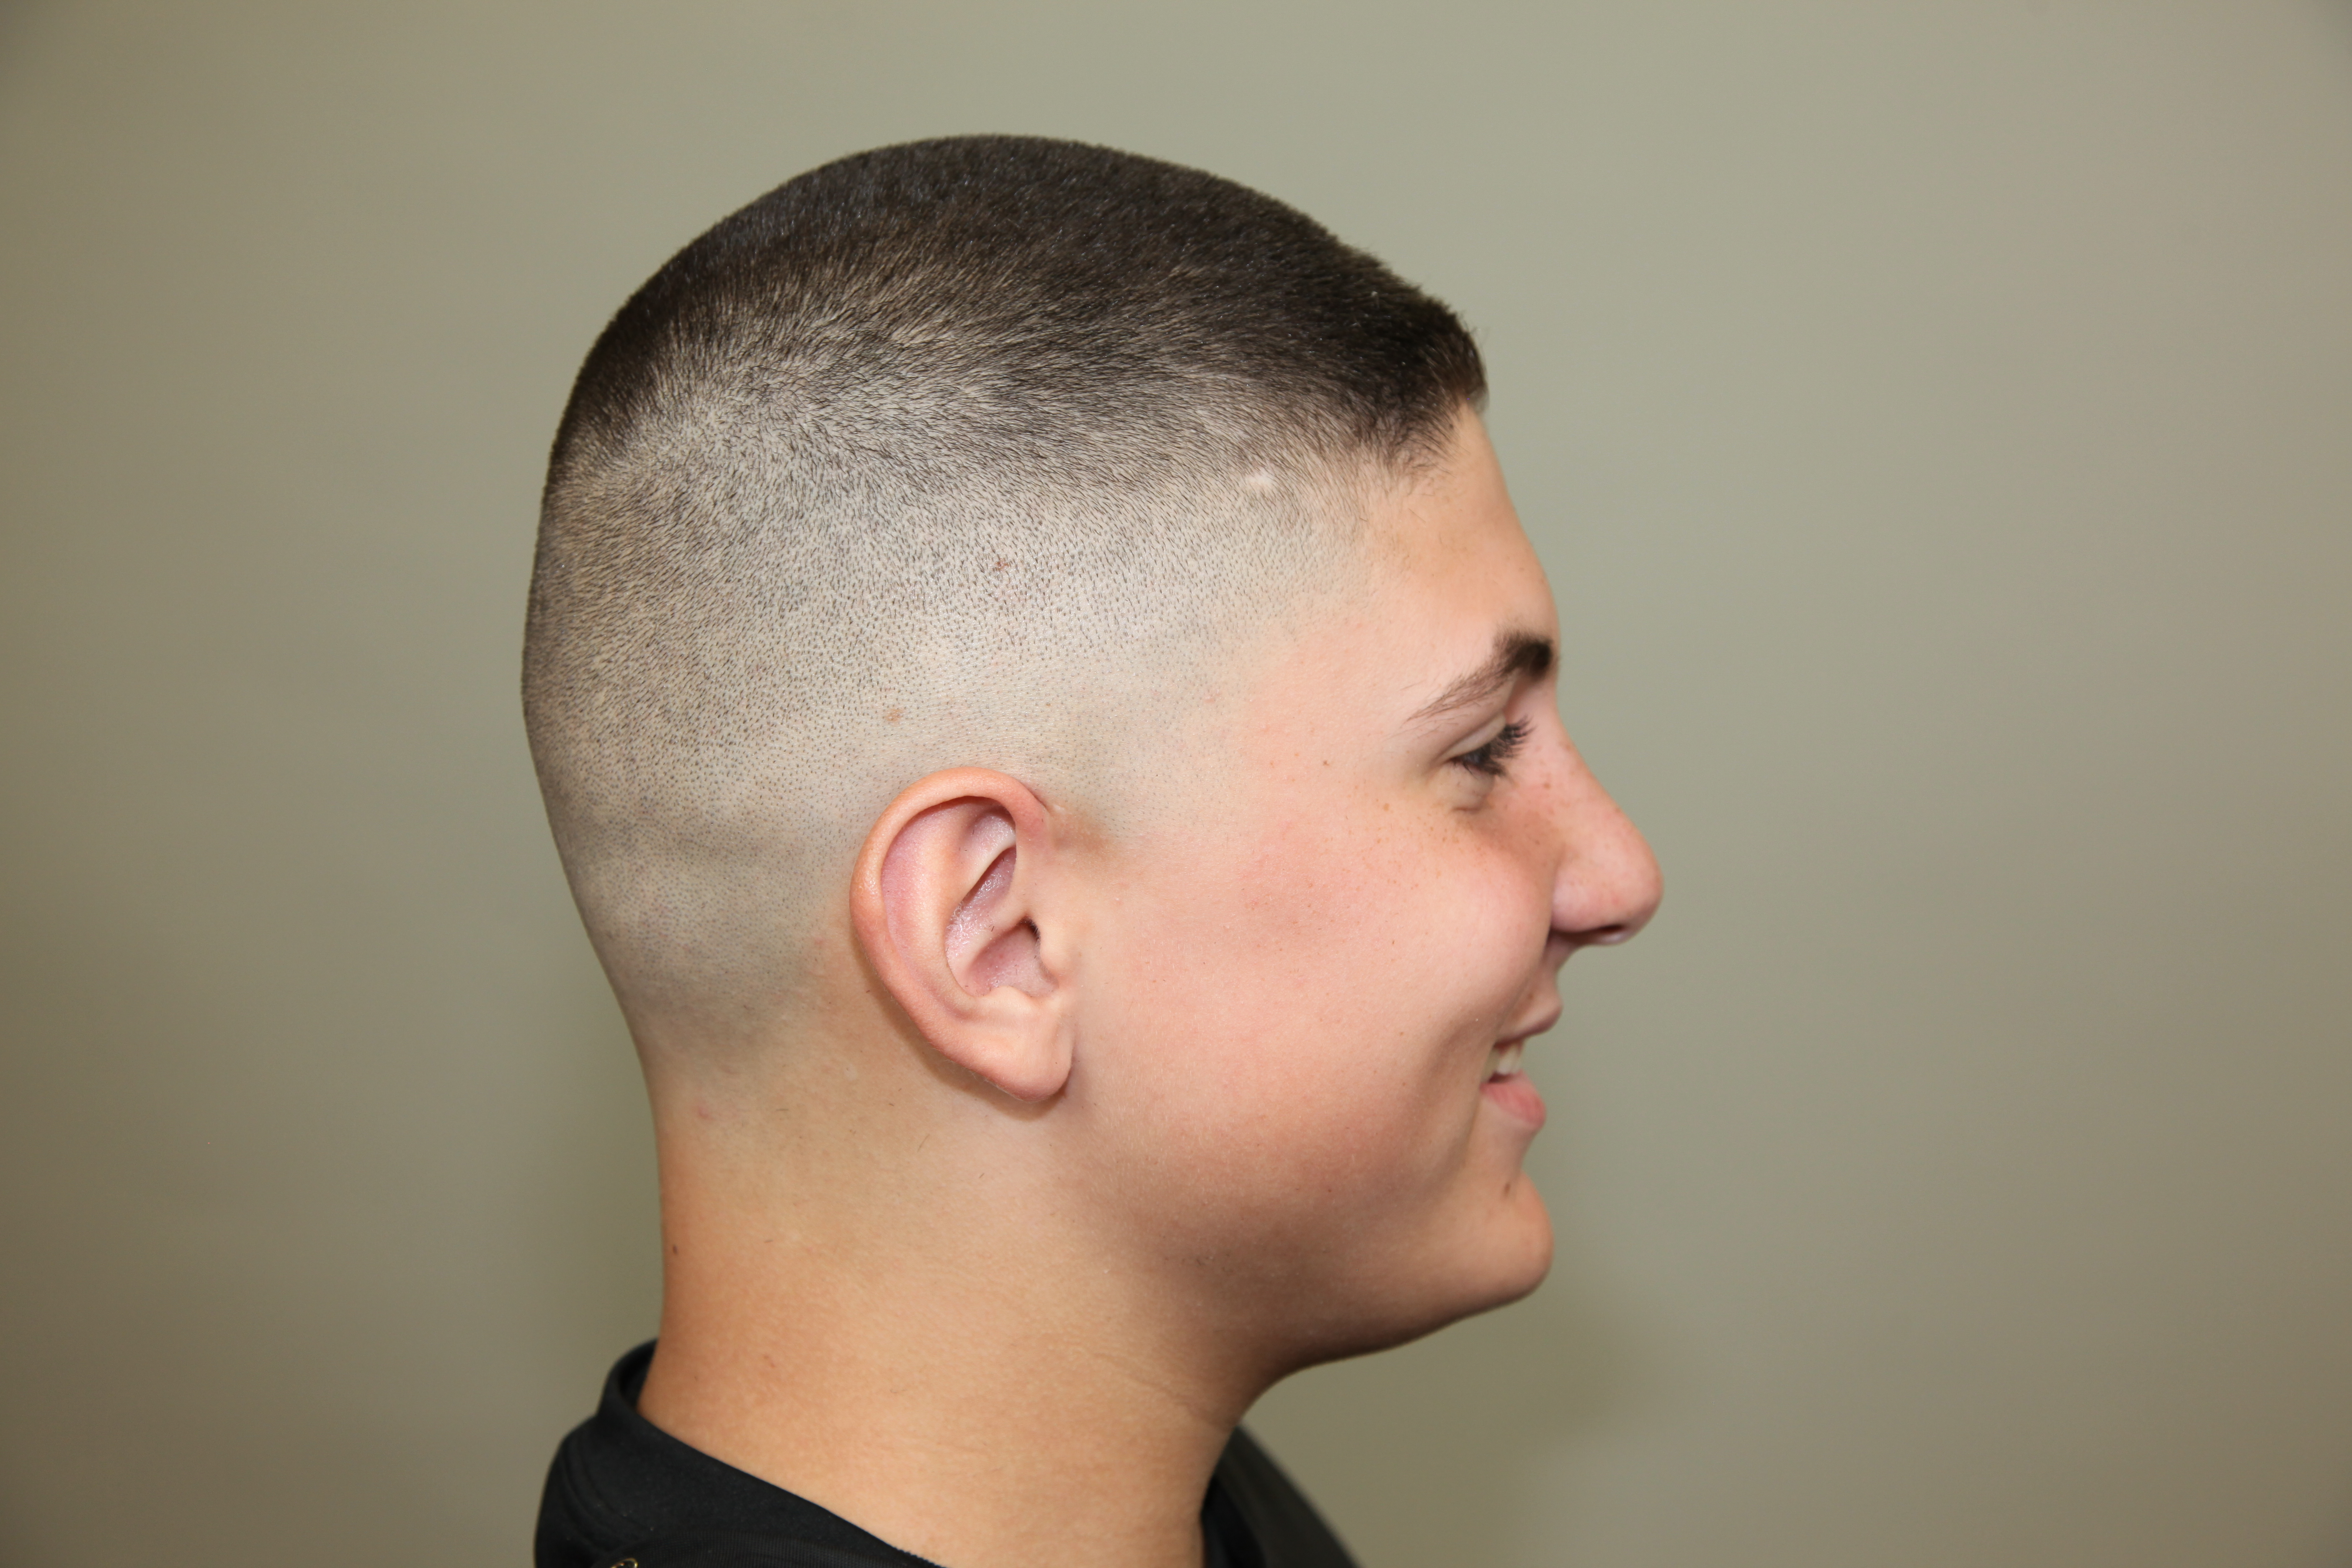 Mens Tapered Haircuts | Bald Fade | Mid Fade Haircut